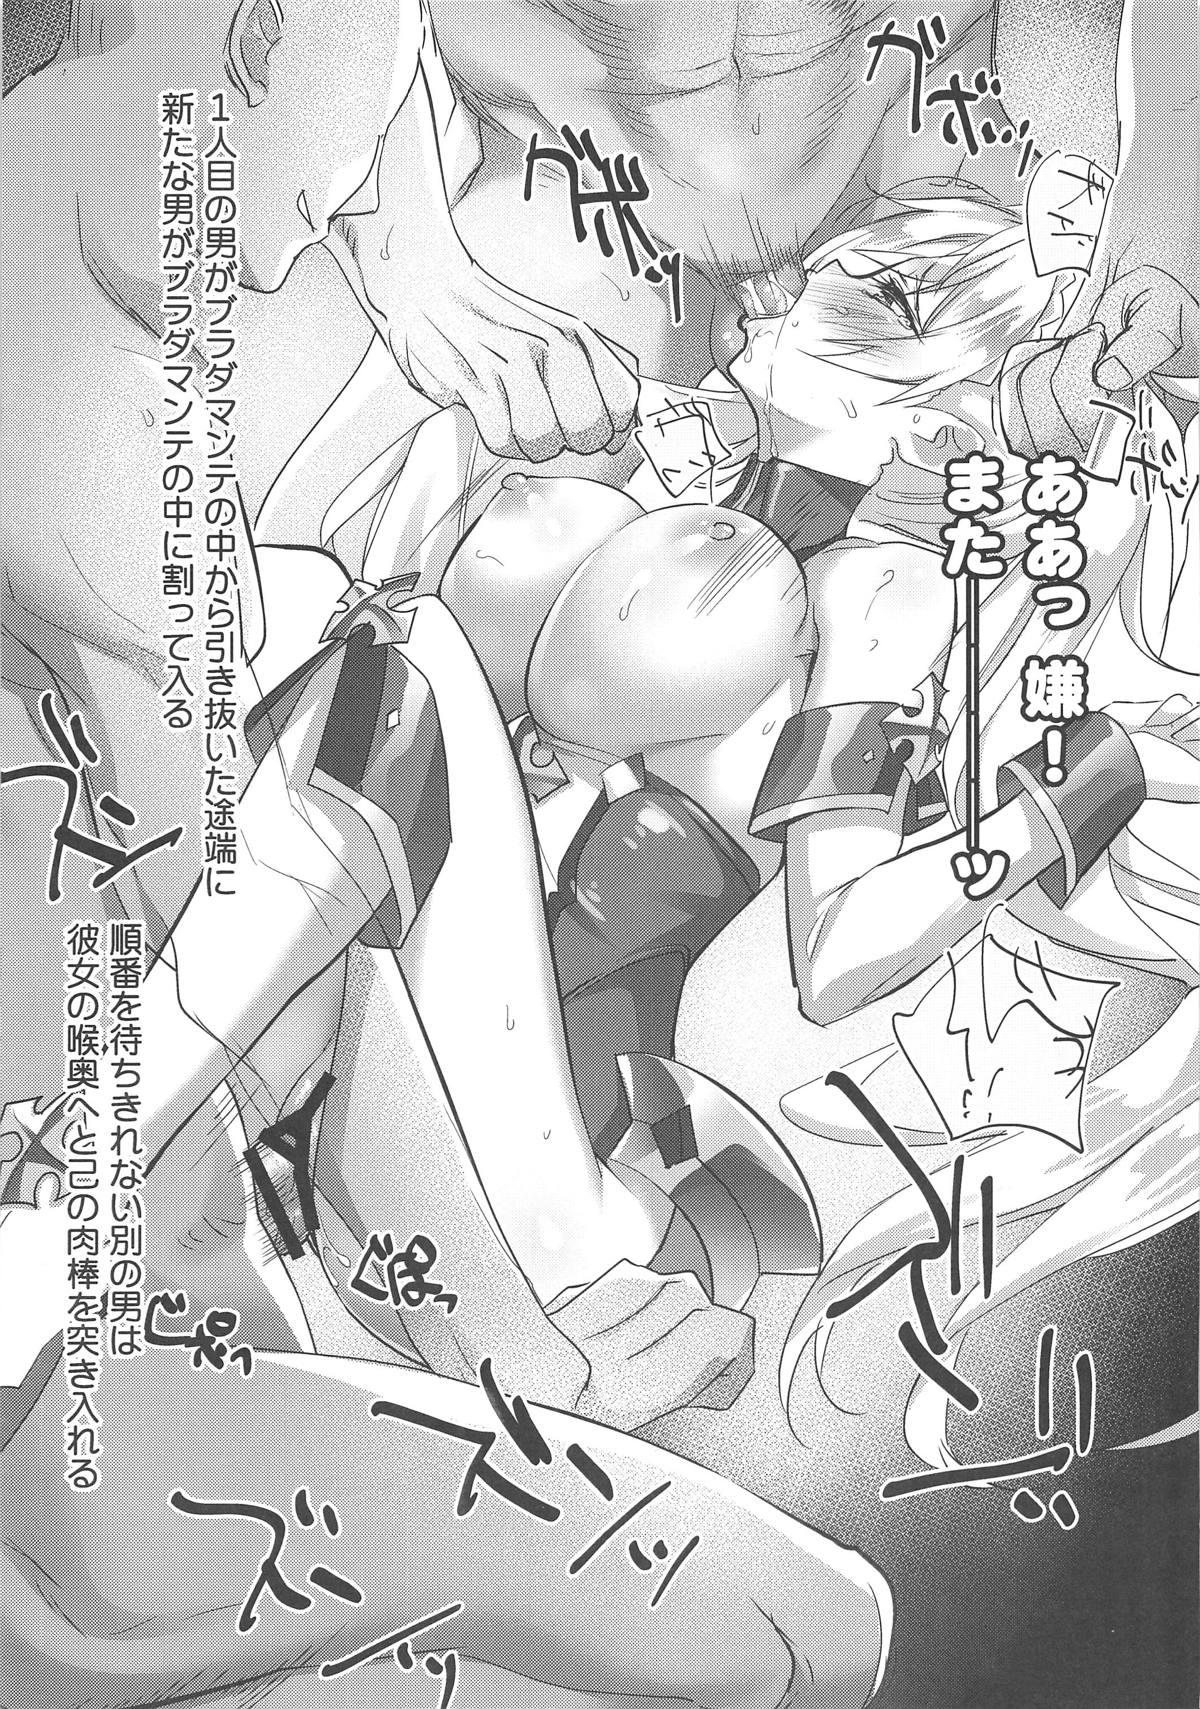 【エロ漫画】中出しされたら次のチンポ!口内射精されたら次のチンポ!!チンポのバーゲンセールで騎士ちゃんの体はザーメンまみれ♡